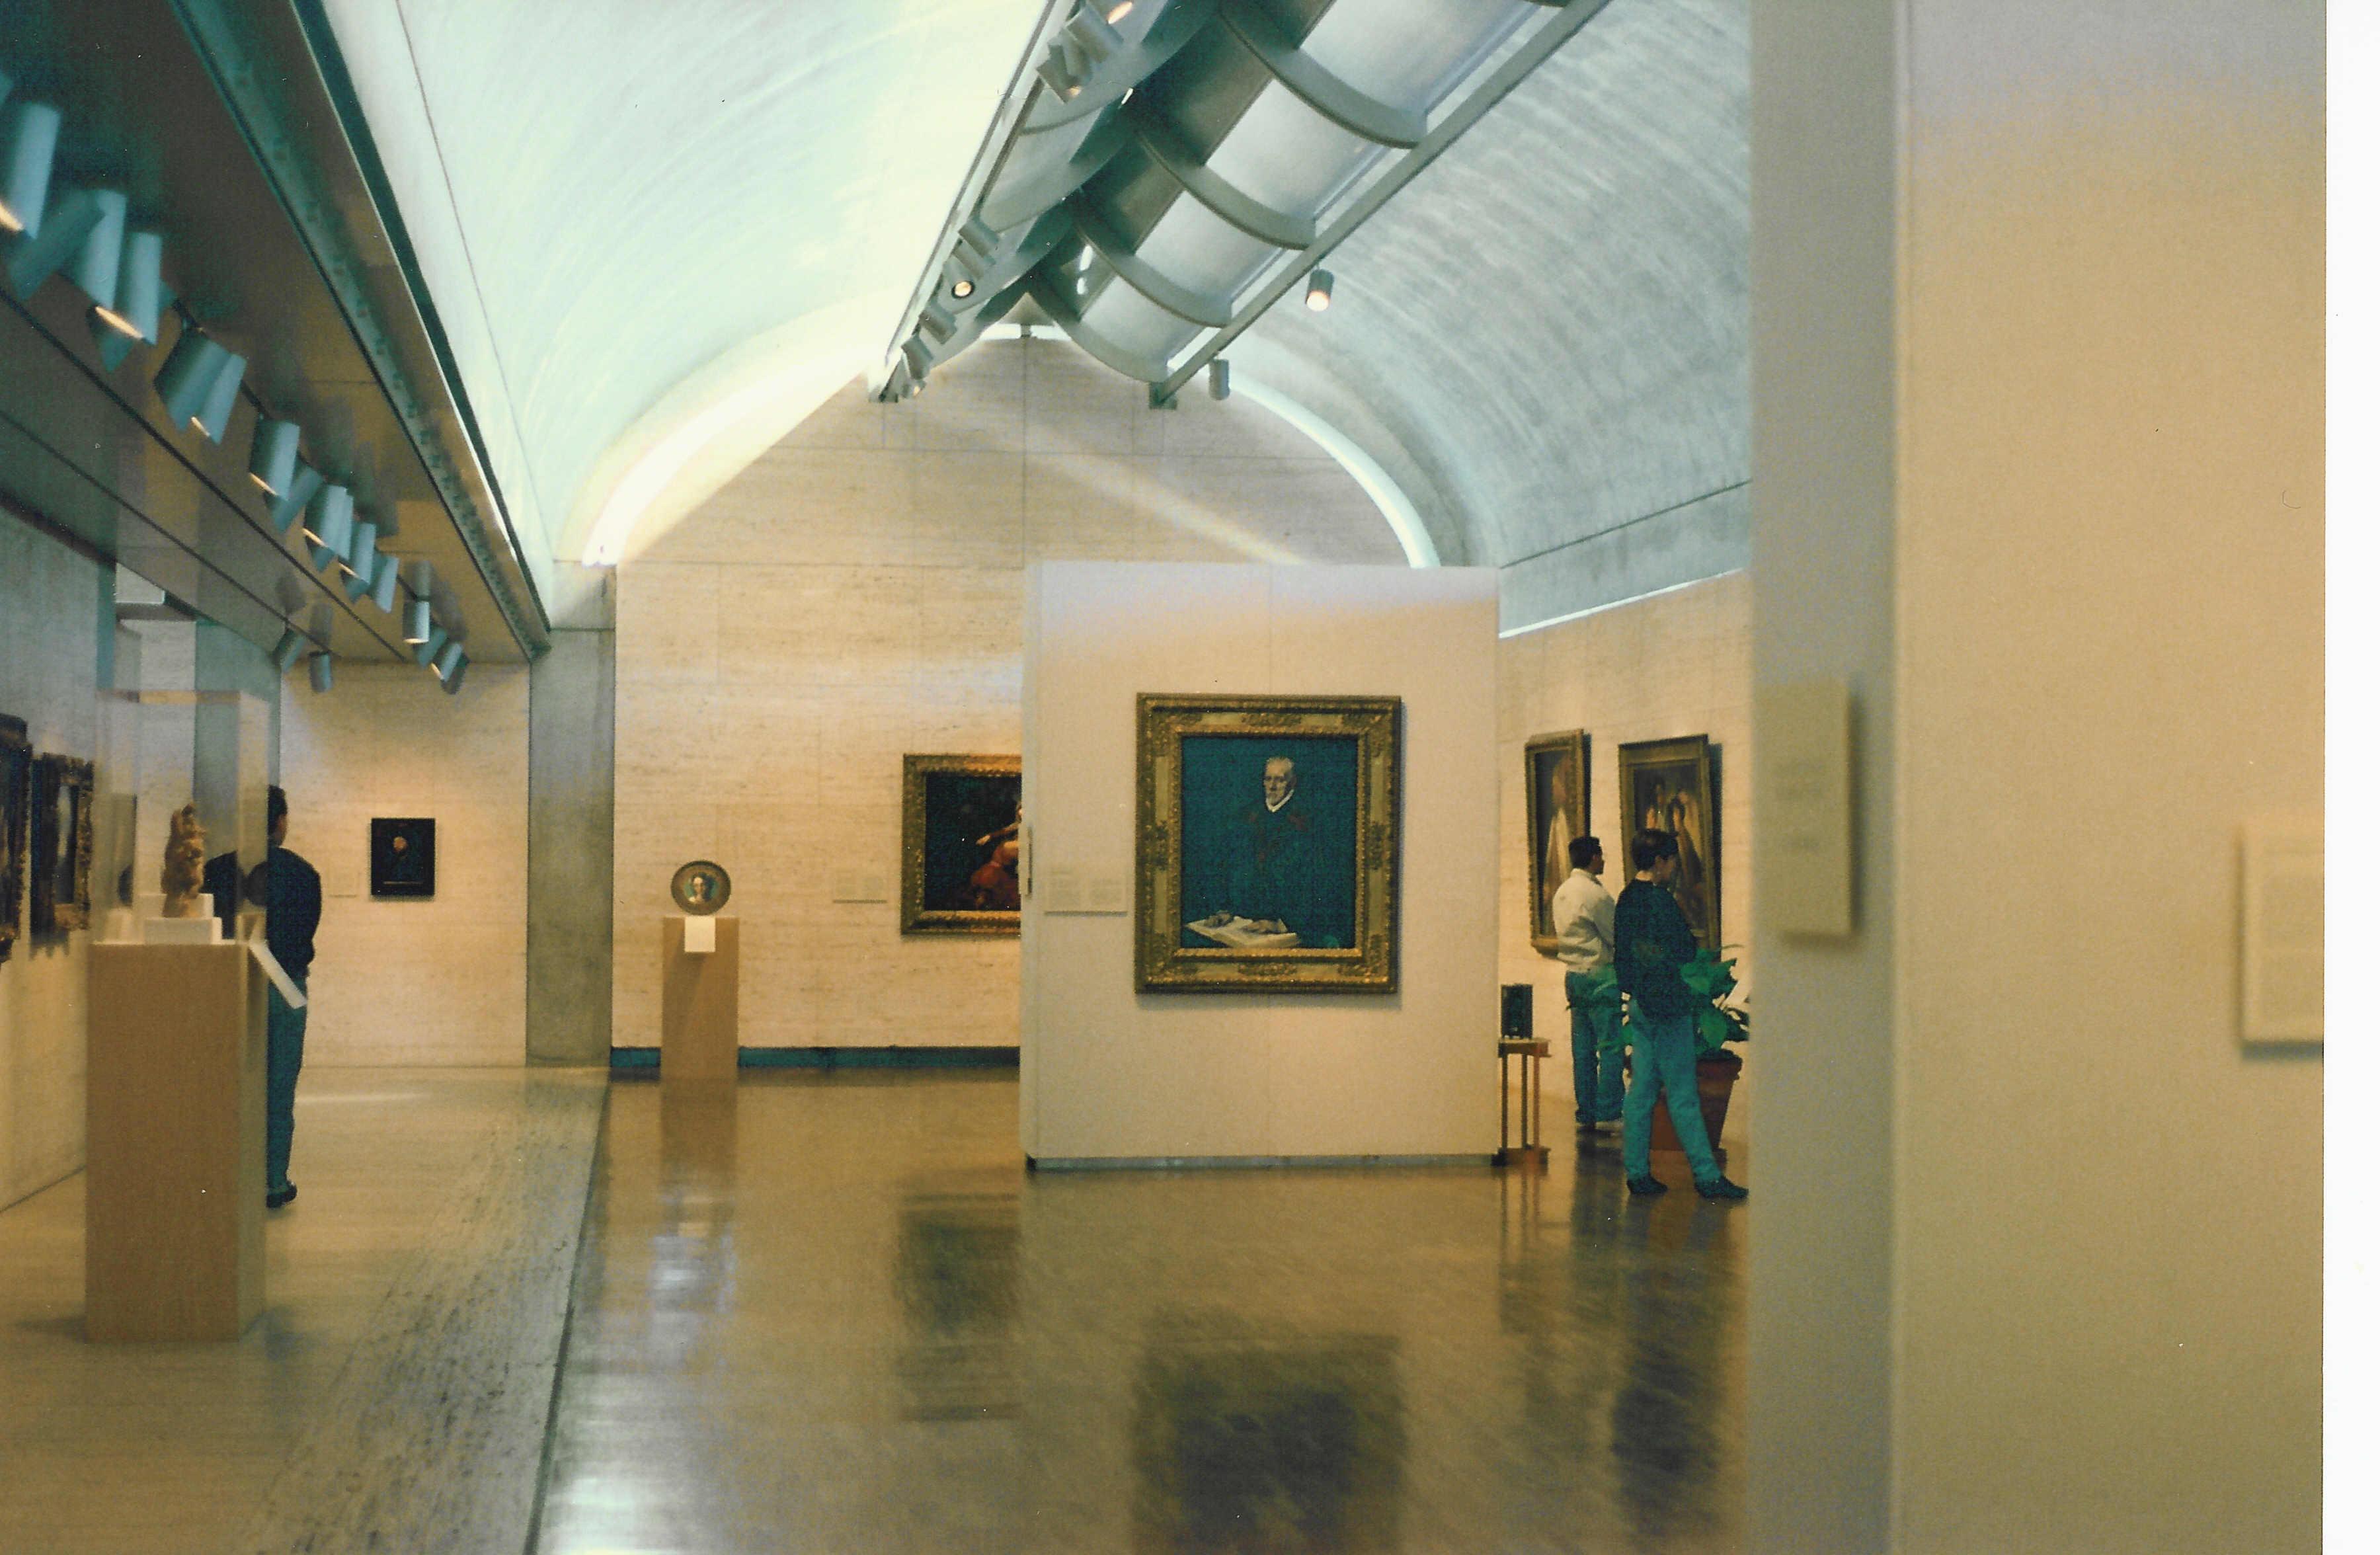 پروژه طراحی موزه هنر در شهر